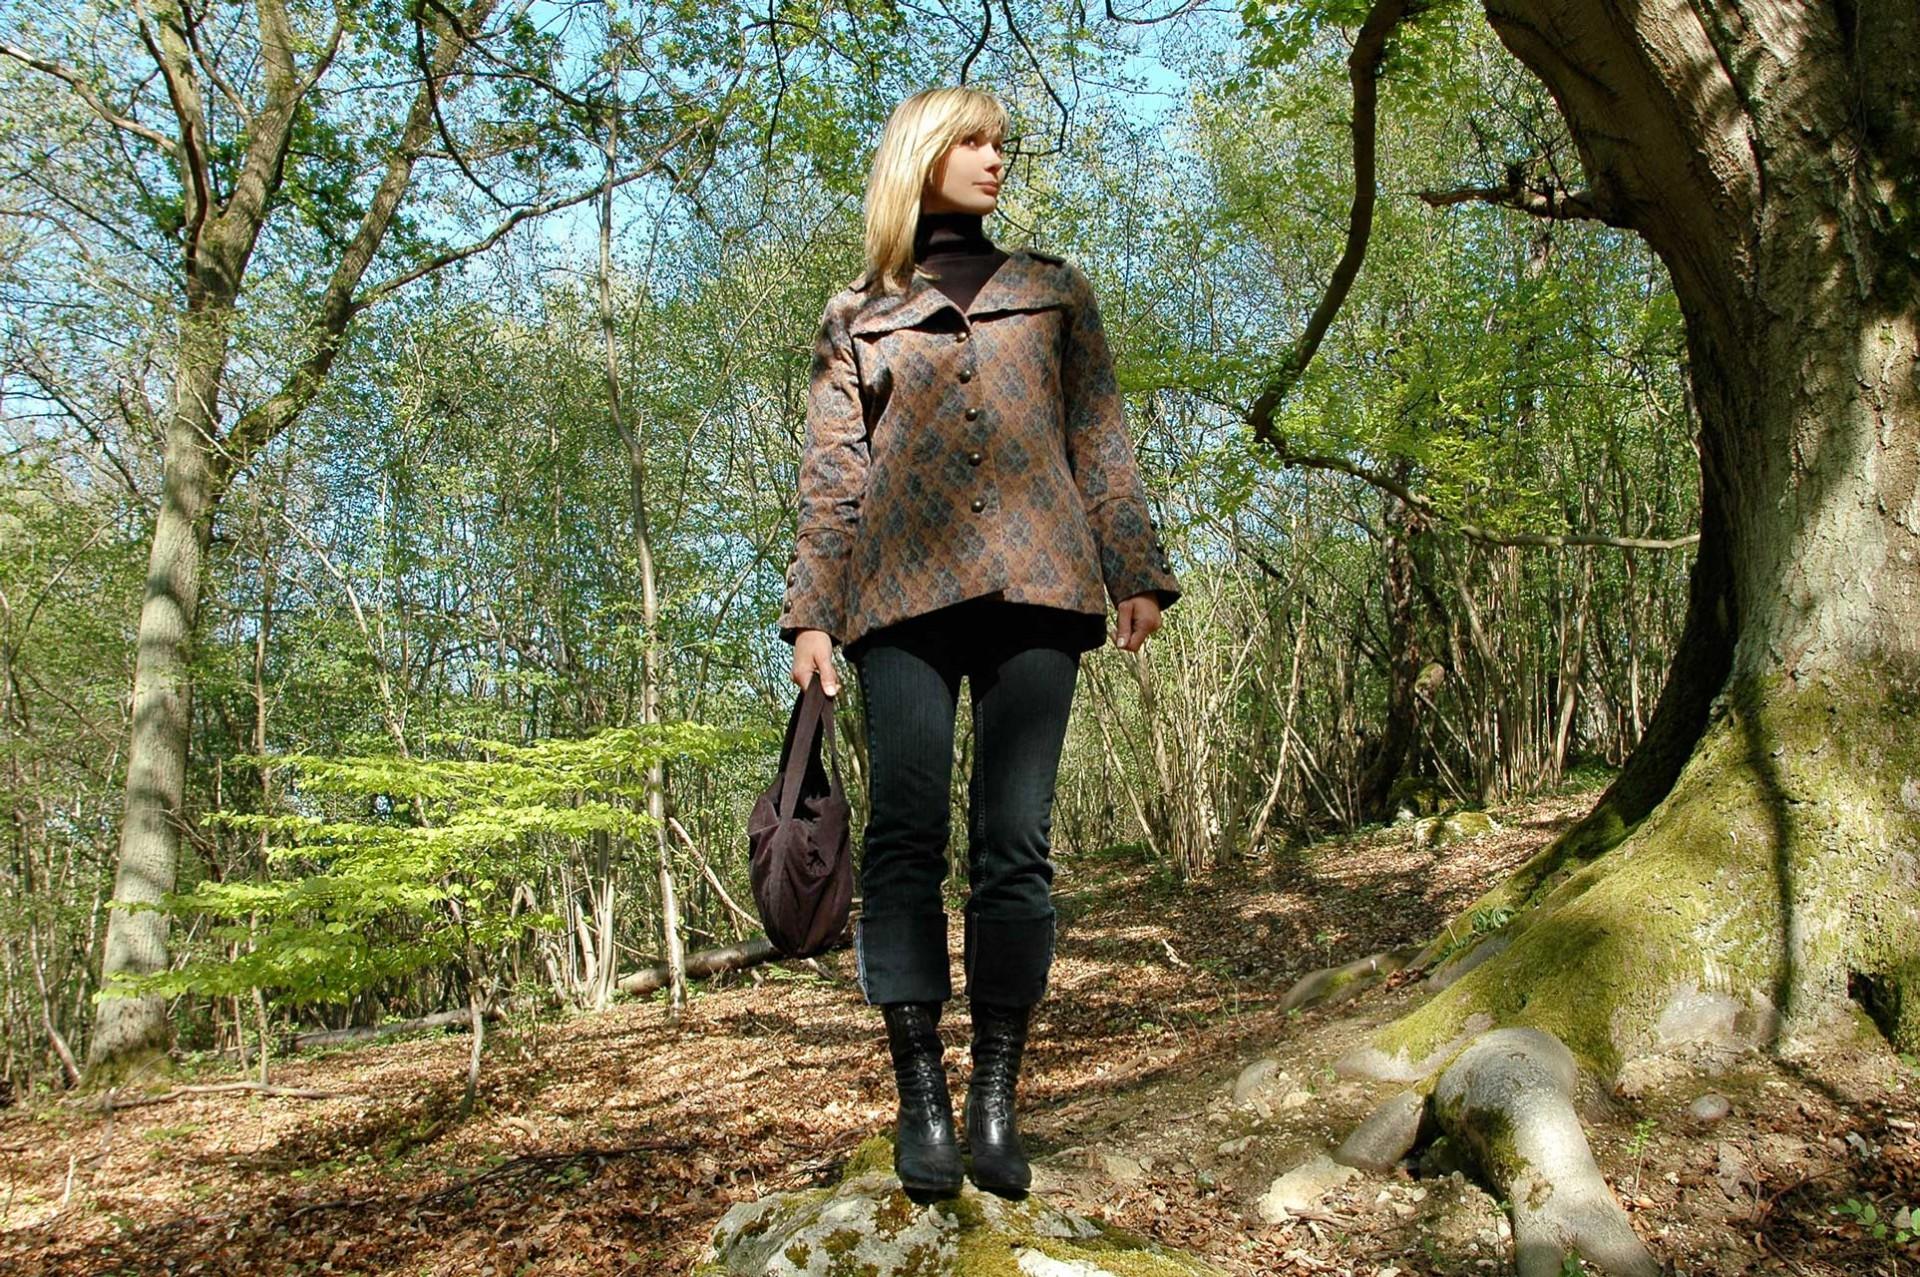 Laure-Maud_photographe_mode-ethique-ecologique_ideo_hiver_03